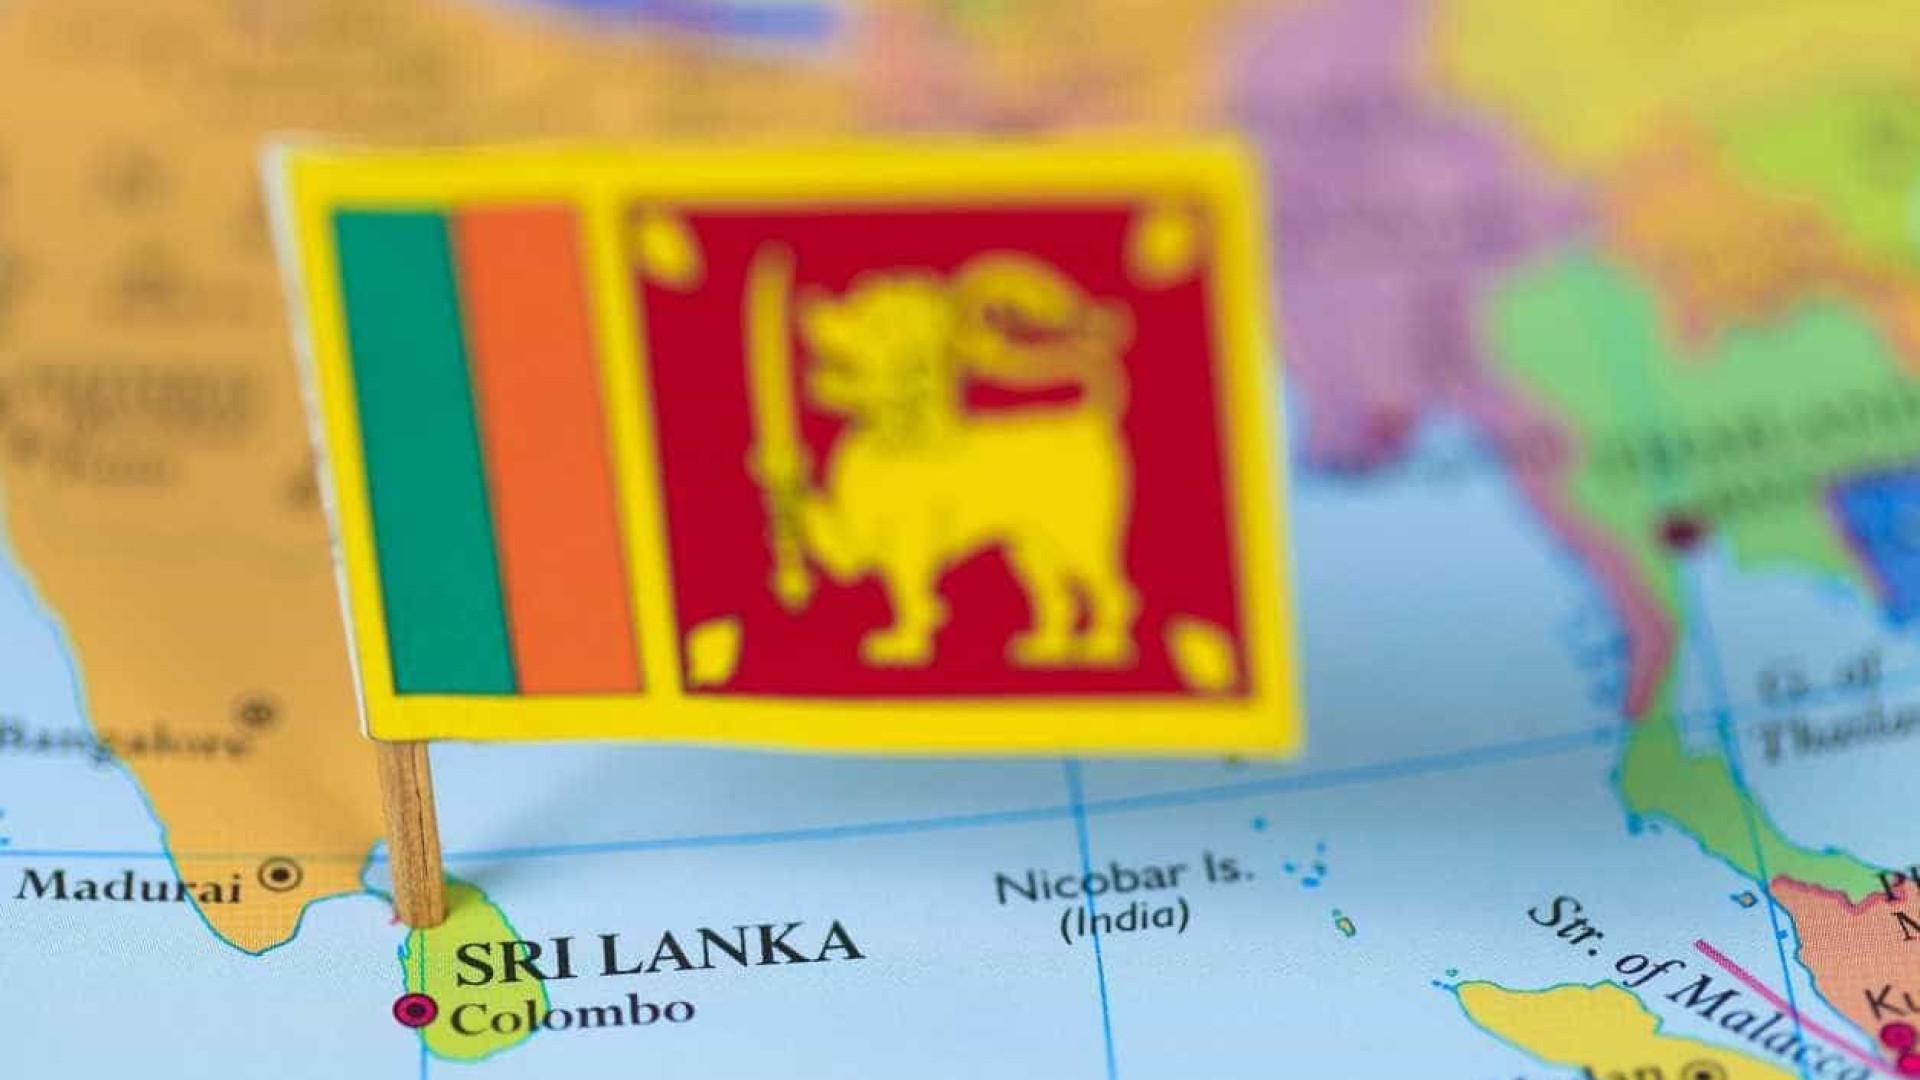 Pelo menos sete pessoas morreram em colapso de edifício no Sri Lanka